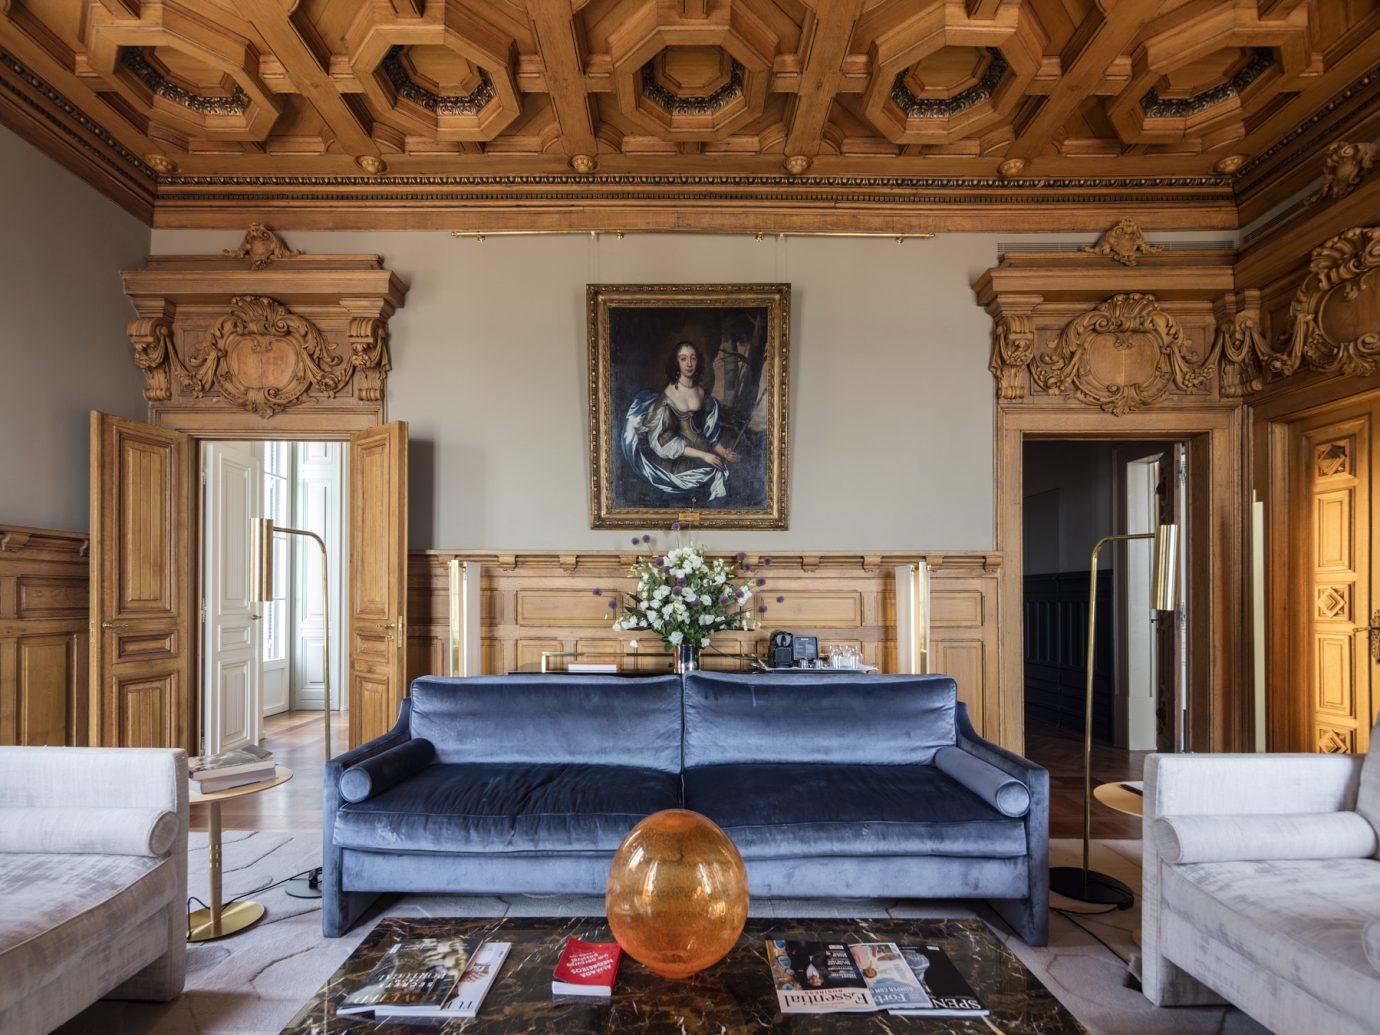 Living room at the Verride Palácio Santa Catarina